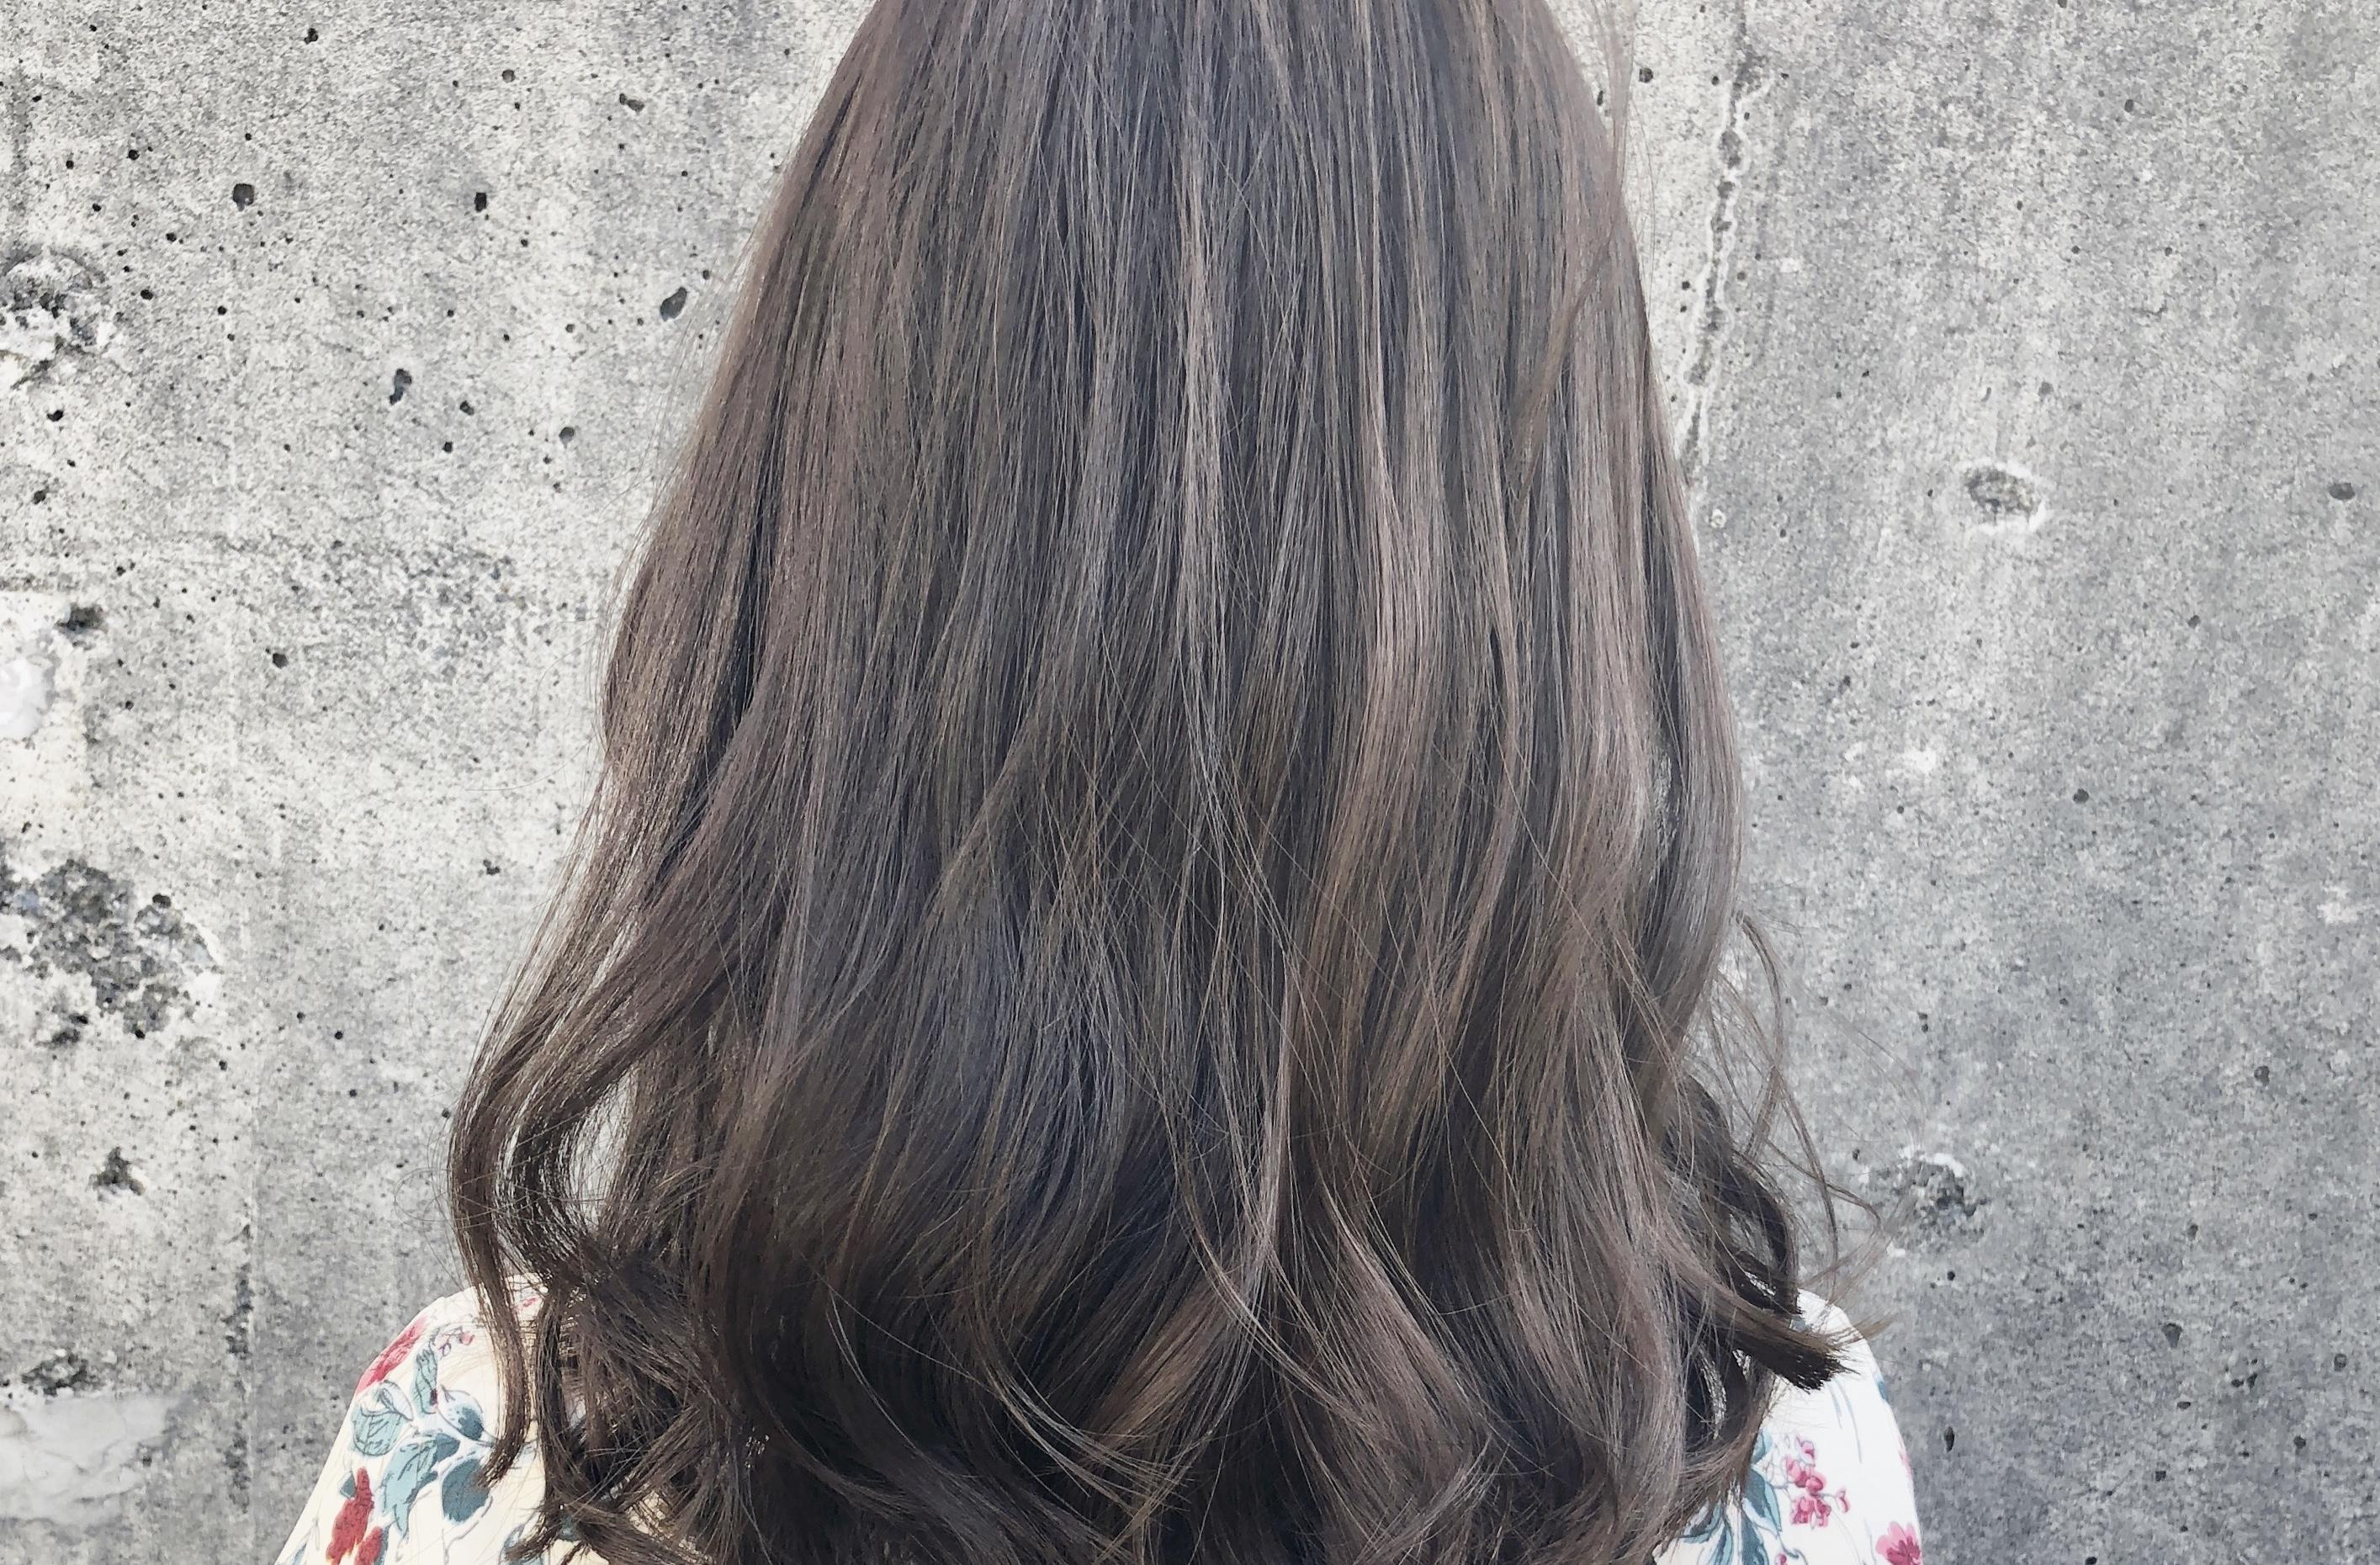 ブリーチ毛から暗くする場合もオーガニックカラーが一番。